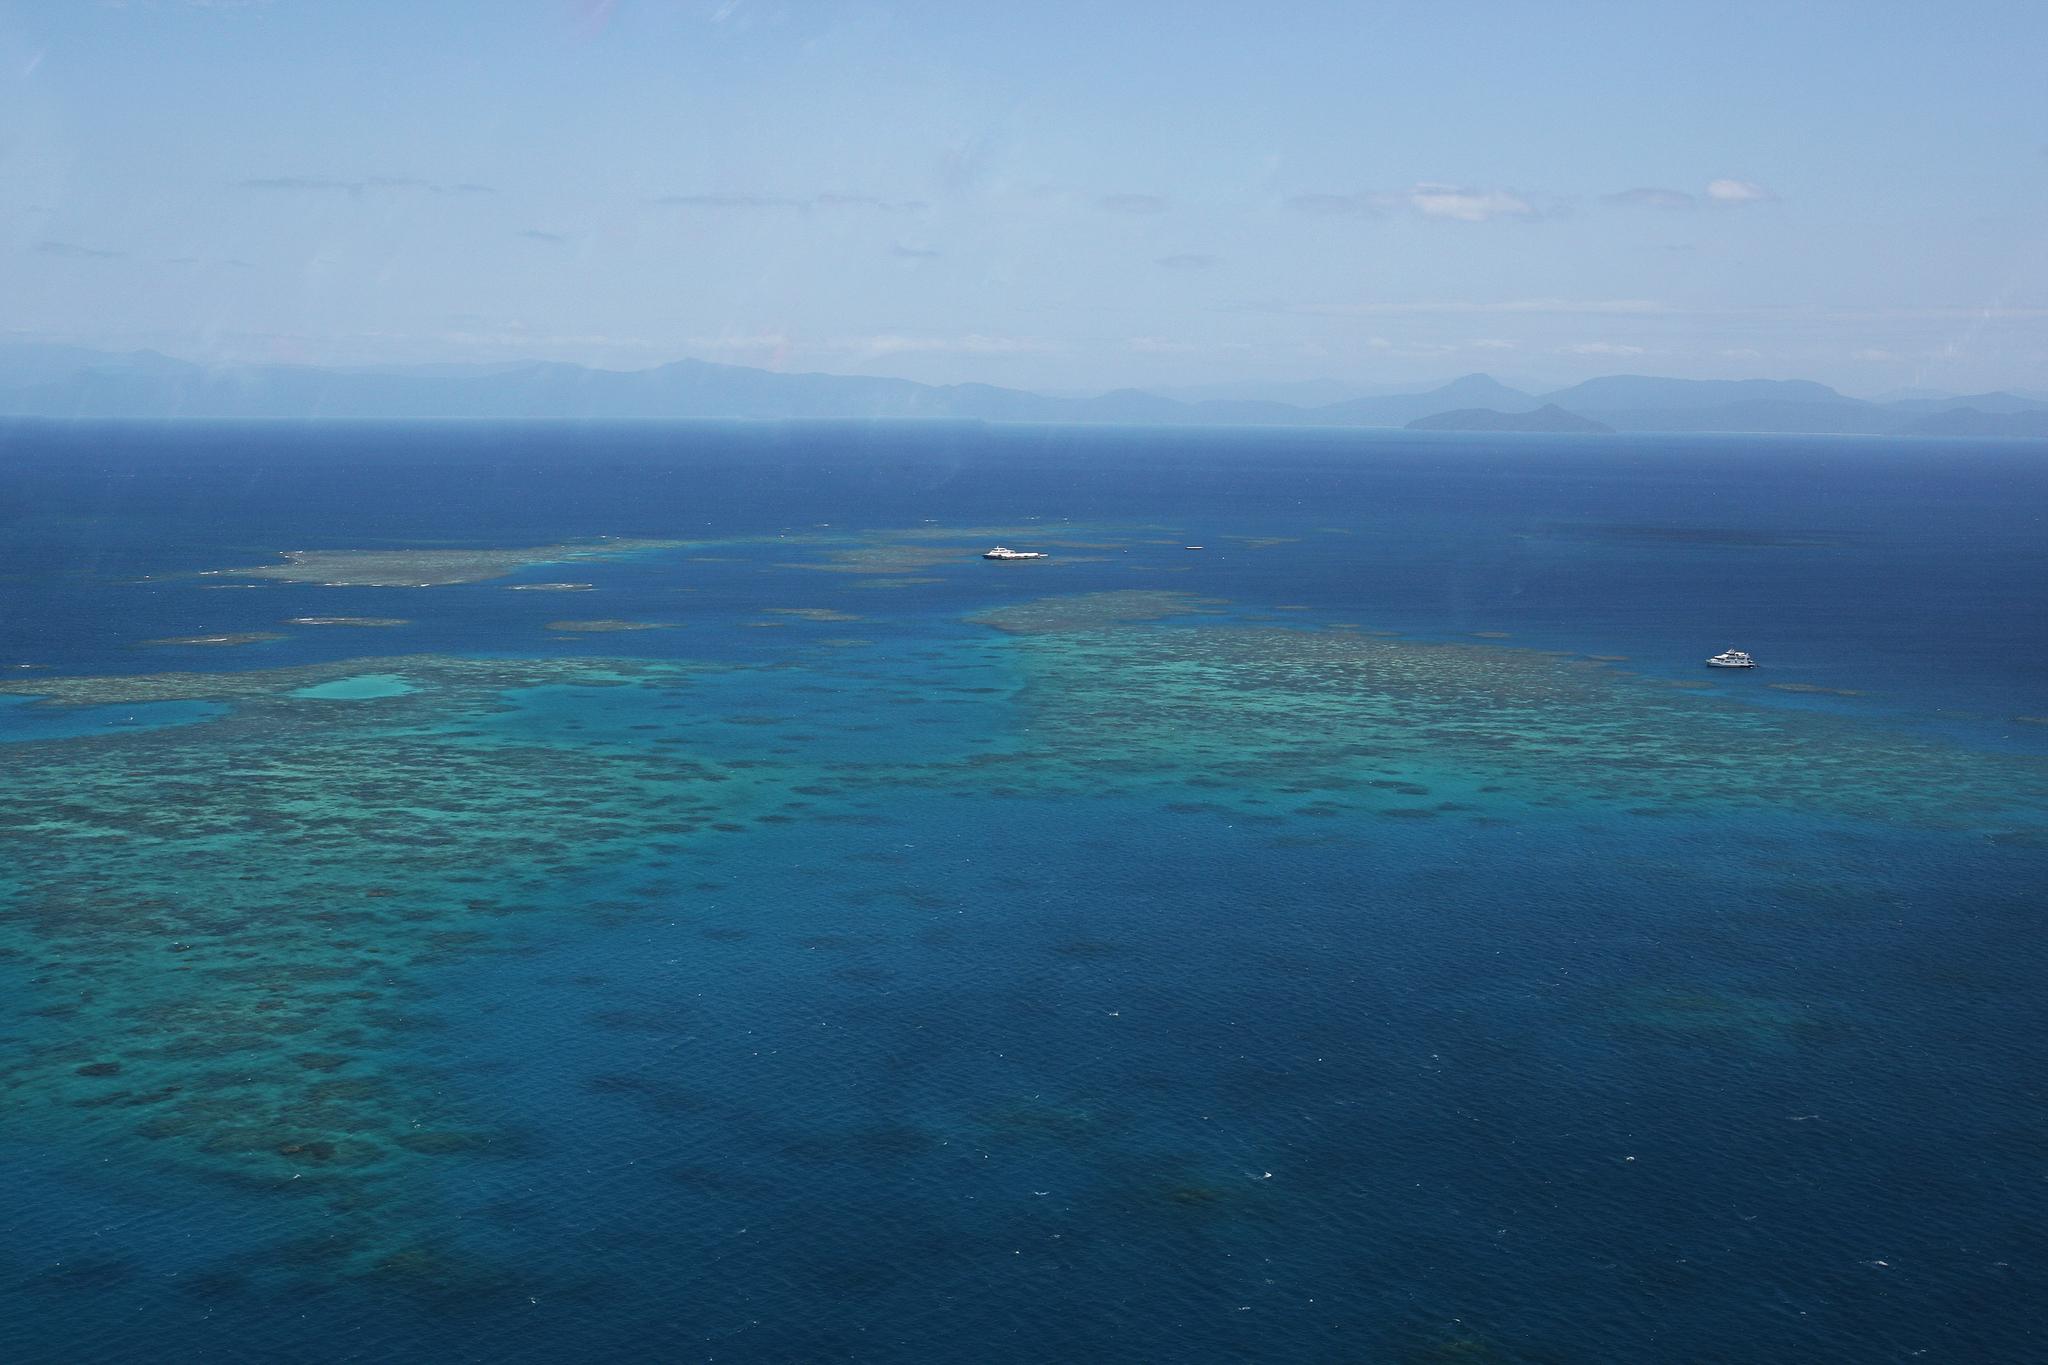 헬기에서 내려다본 호주 대산호초 군락. 한반도보다 더 큰 면적이어서 그 끝이 보이지 않을 정도로 넓고 길다. [중앙포토]